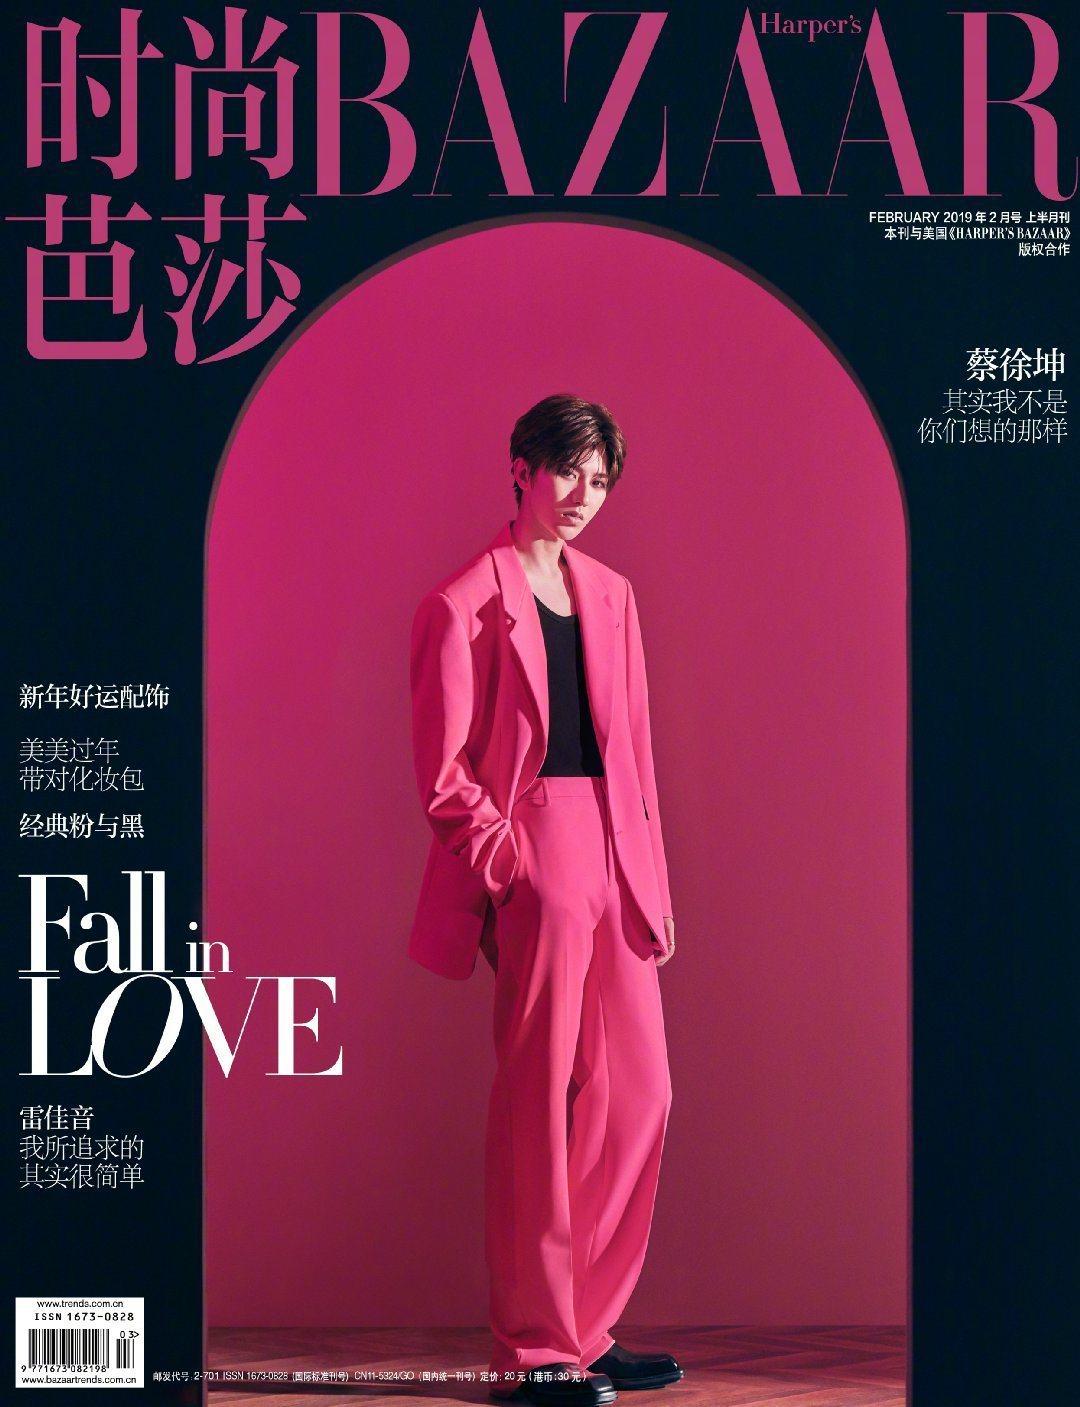 大陸男星蔡徐坤則是穿著Versace桃粉色西裝登上大陸BAZAAR雜誌封面。圖/...